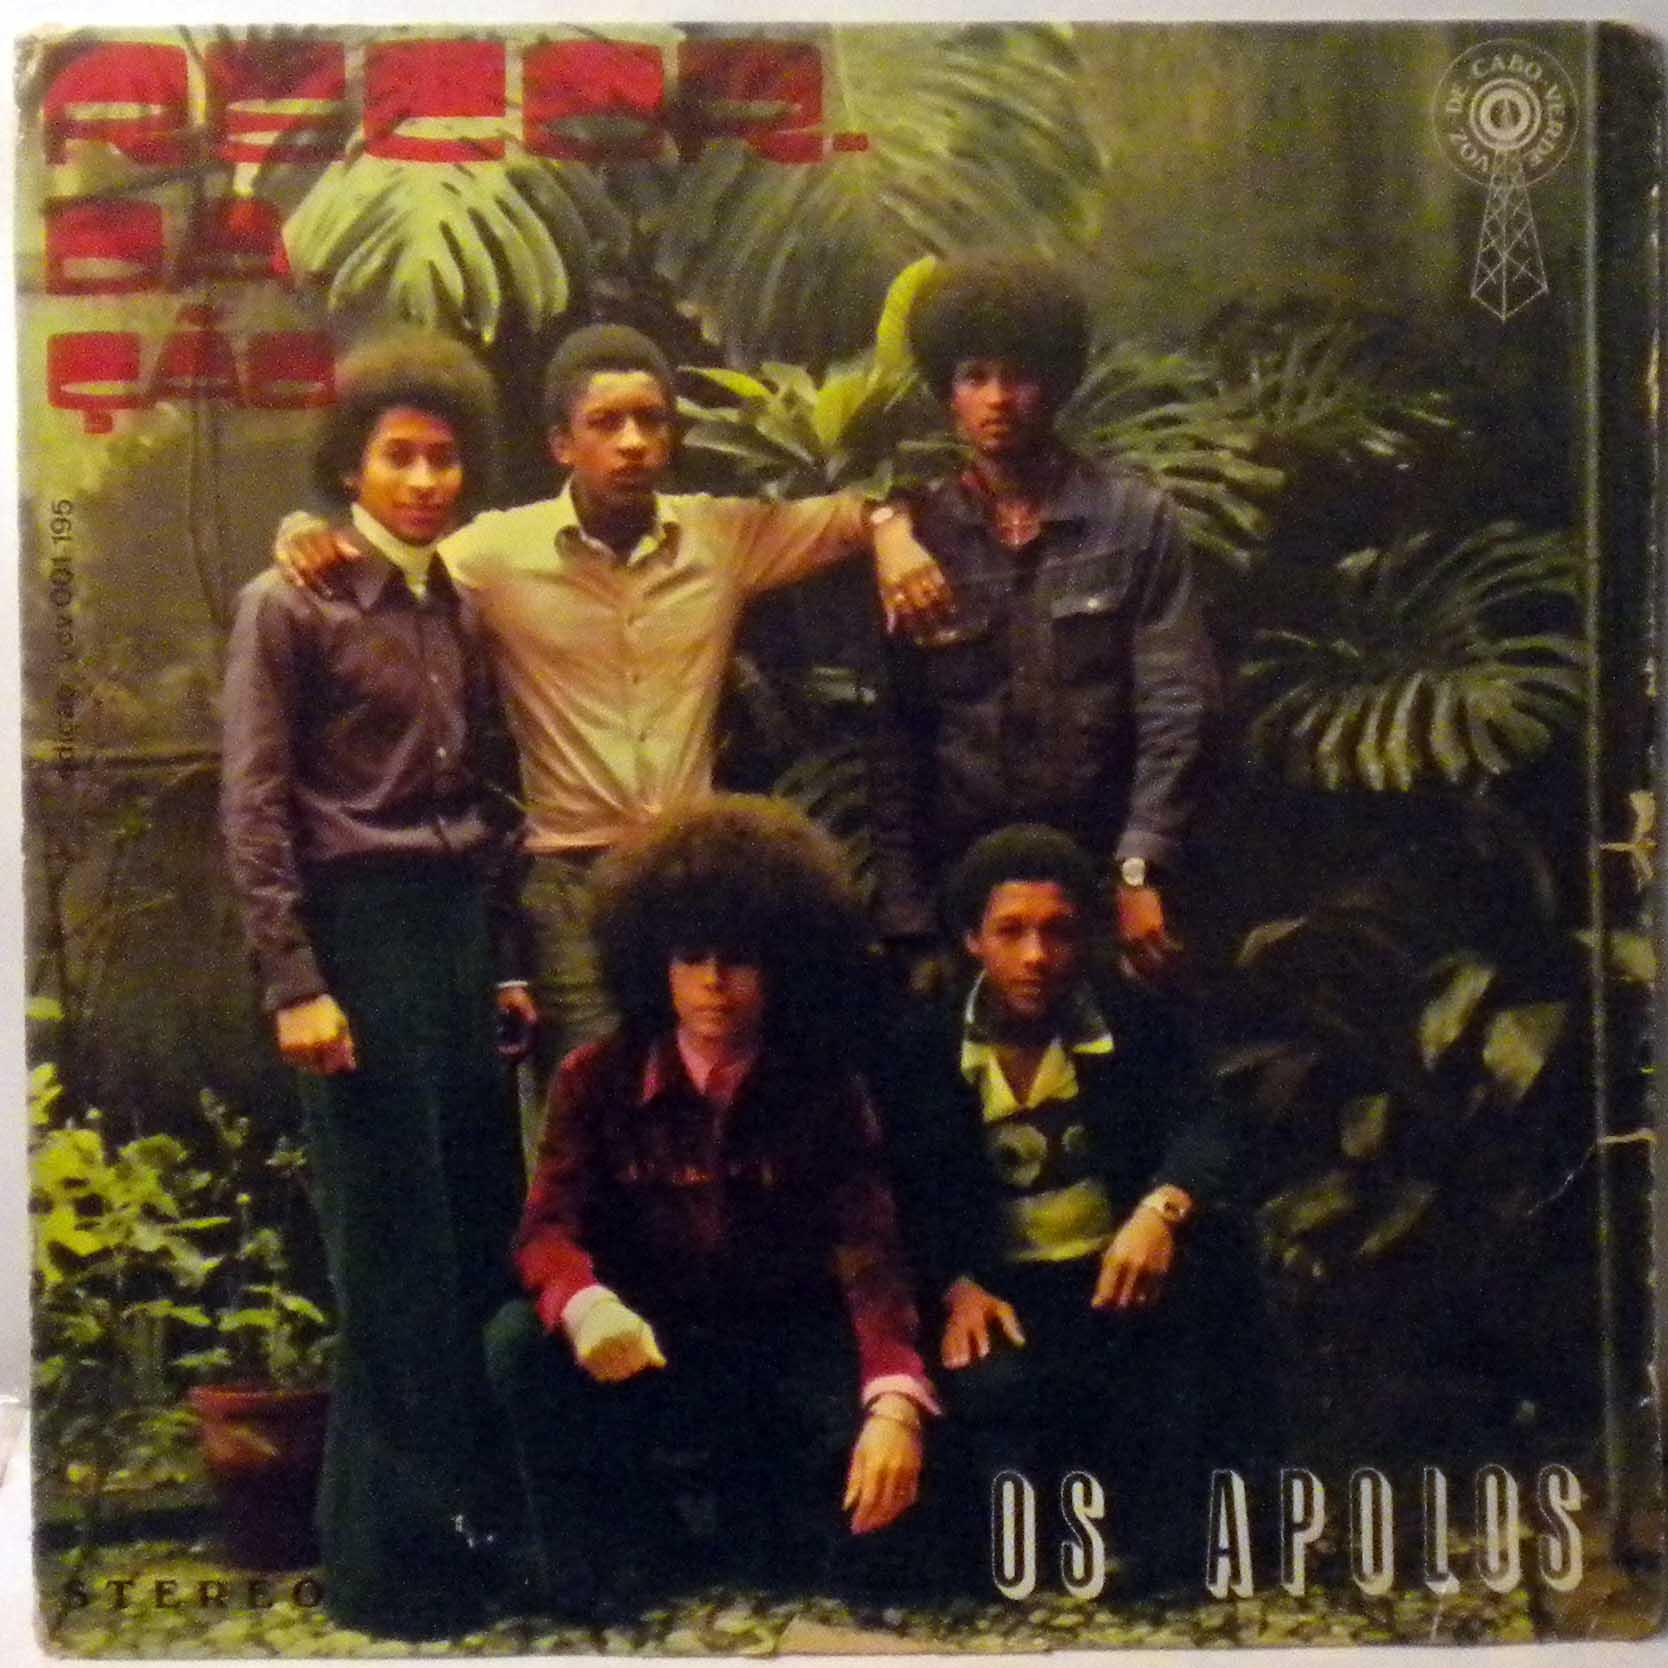 OS APOLOS - Recordacao - LP